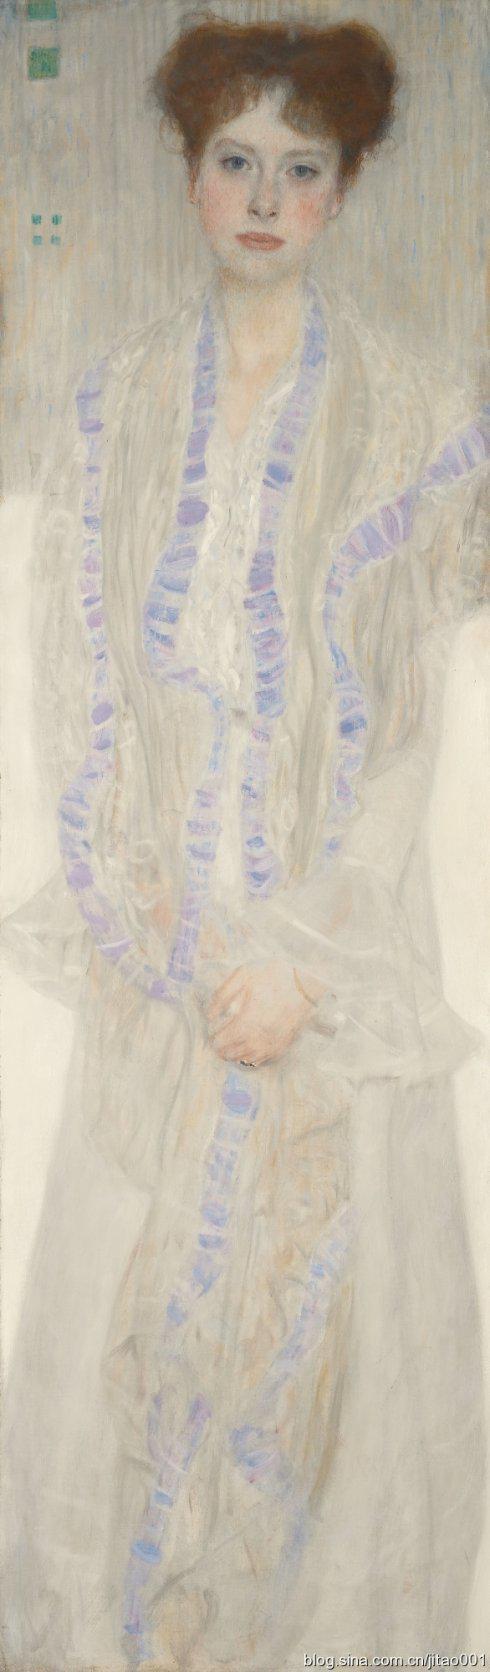 2015年6月伦敦蘇富比克林姆特《维也纳名医的19岁女儿肖像》,成交于 2479万英镑